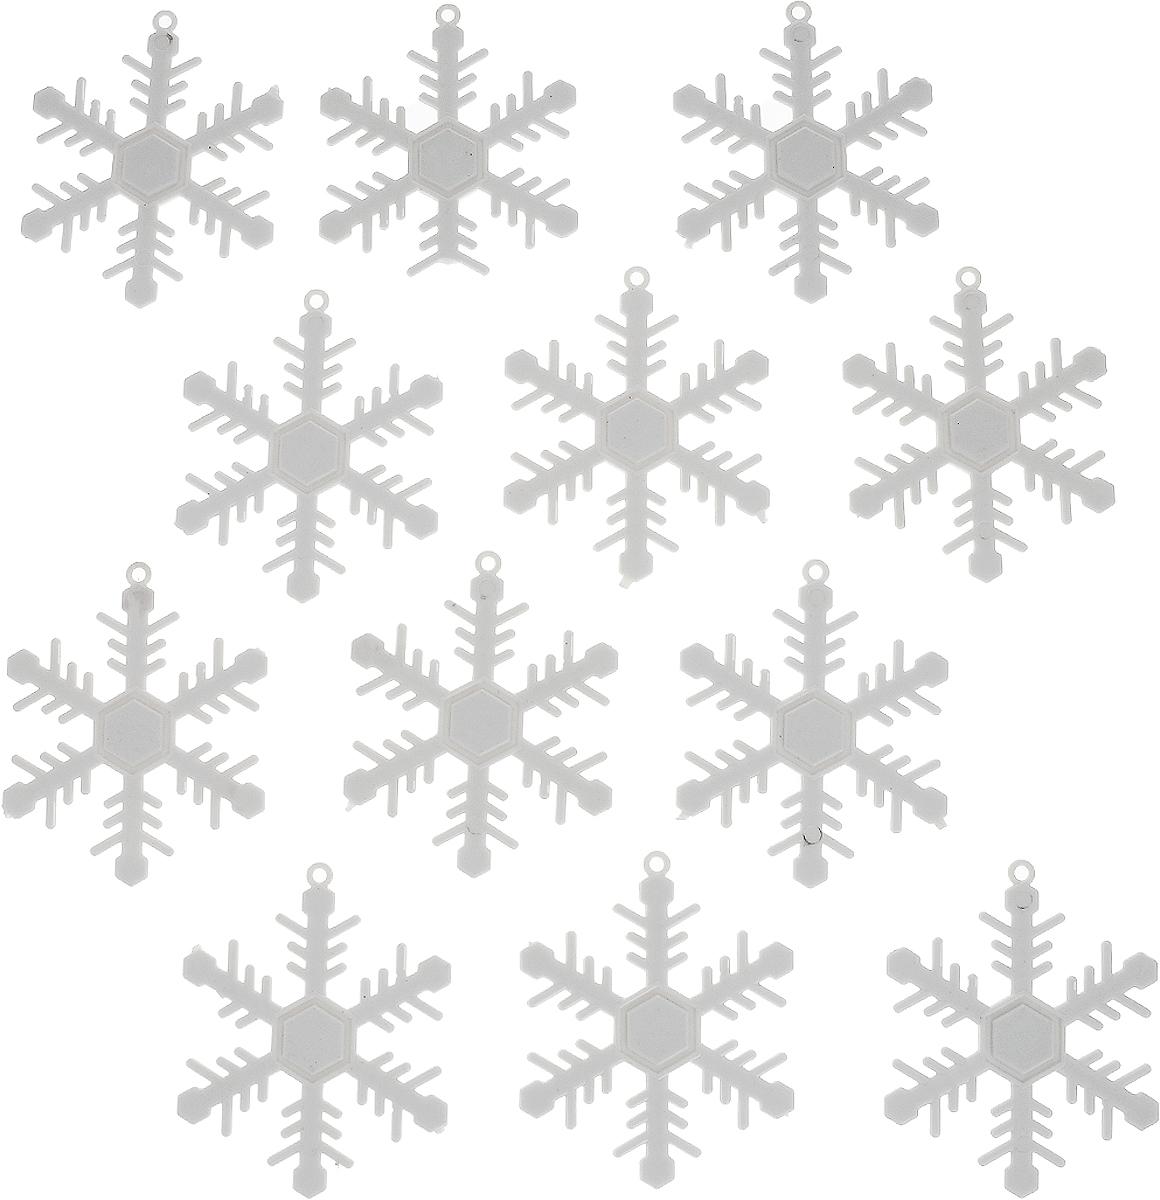 Украшение новогоднее подвесное Winter Wings Снежинки, диаметр 6,5 см, 12 штN181145Набор украшений Winter Wings Снежинки прекрасно подойдет для праздничного декора новогодней ели. Изделия выполнены из высококачественного пластика в виде снежинок. Для удобного размещения на елке на украшениях предусмотрены веревочки.Елочная игрушка - символ Нового года. Она несет в себе волшебство и красоту праздника. Создайте в своем доме атмосферу веселья и радости, украшая новогоднюю елку нарядными игрушками, которые будут из года в год накапливать теплоту воспоминаний. Откройте для себя удивительный мир сказок и грез. Почувствуйте волшебные минуты ожидания праздника, создайте новогоднее настроение вашим дорогим и близким.